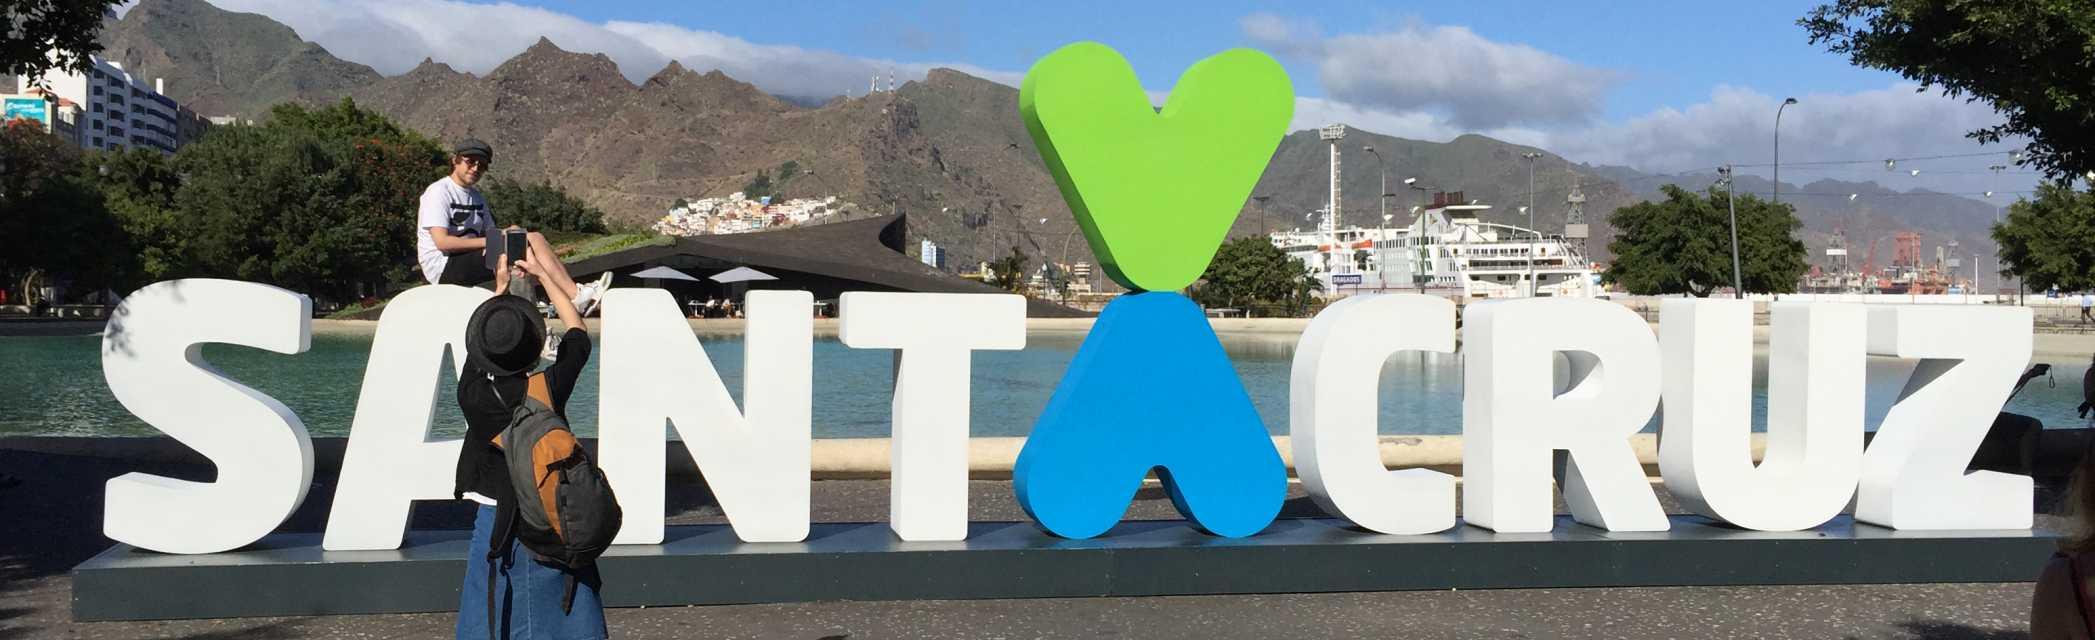 sonnenklar.TV Reisebüro   Santa Cruz de Tenerife